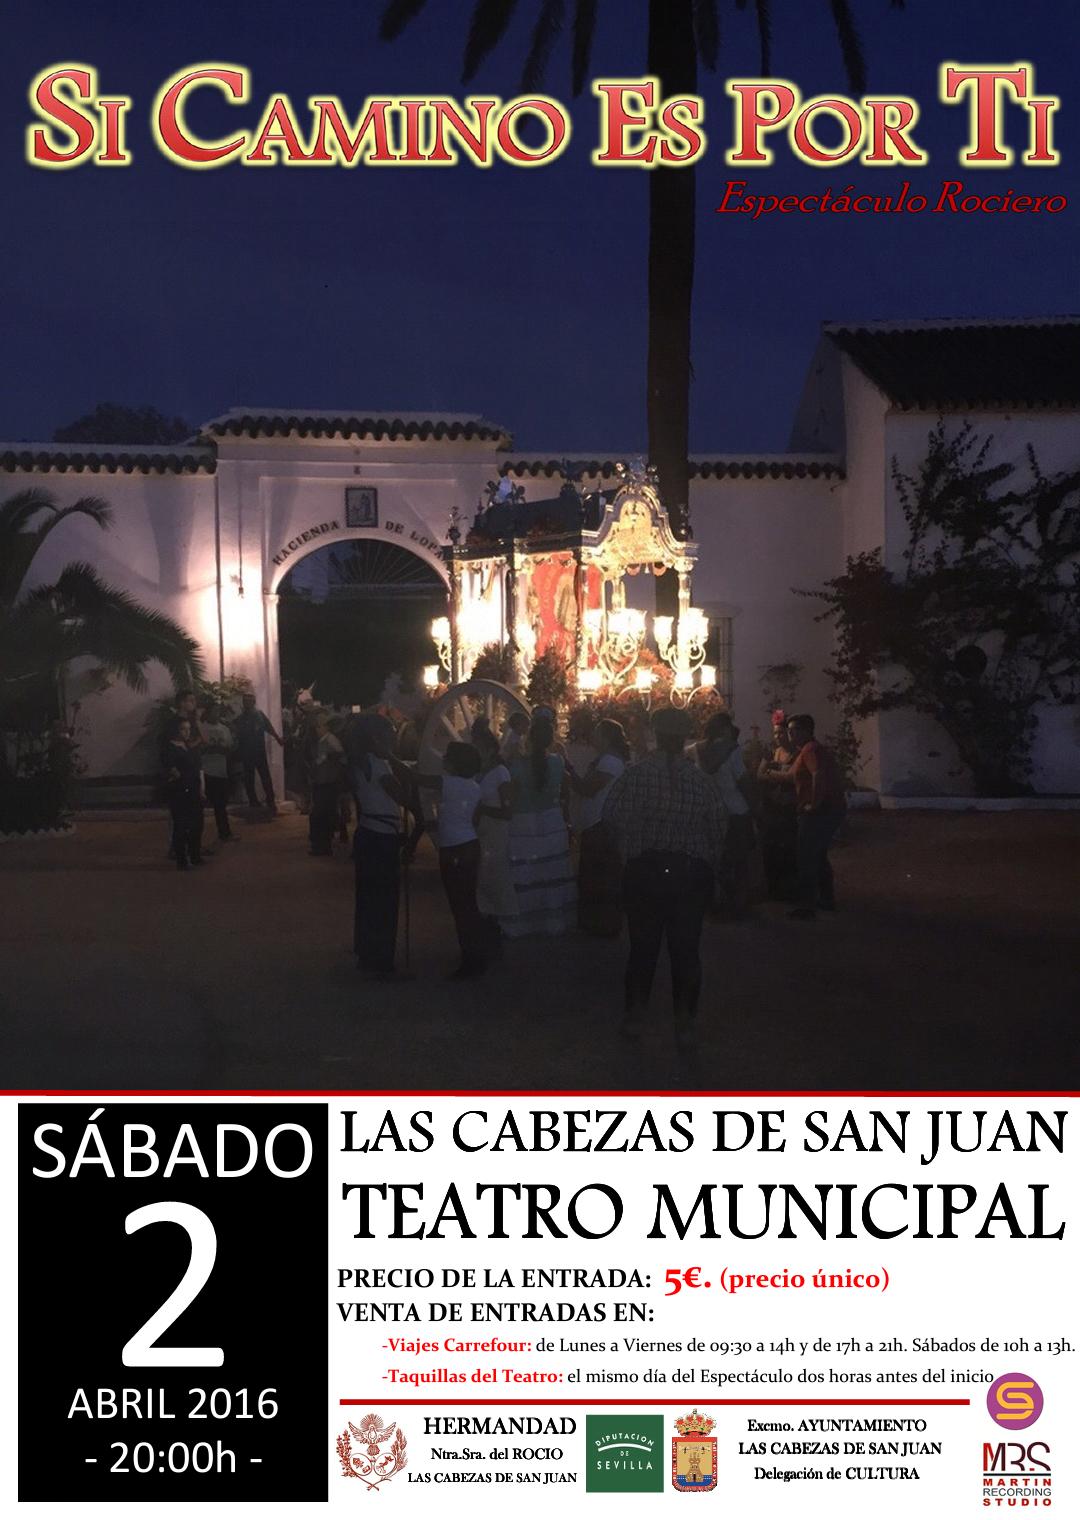 Las Cabezas - 2016 Cartel Espectaculo ROCIERO